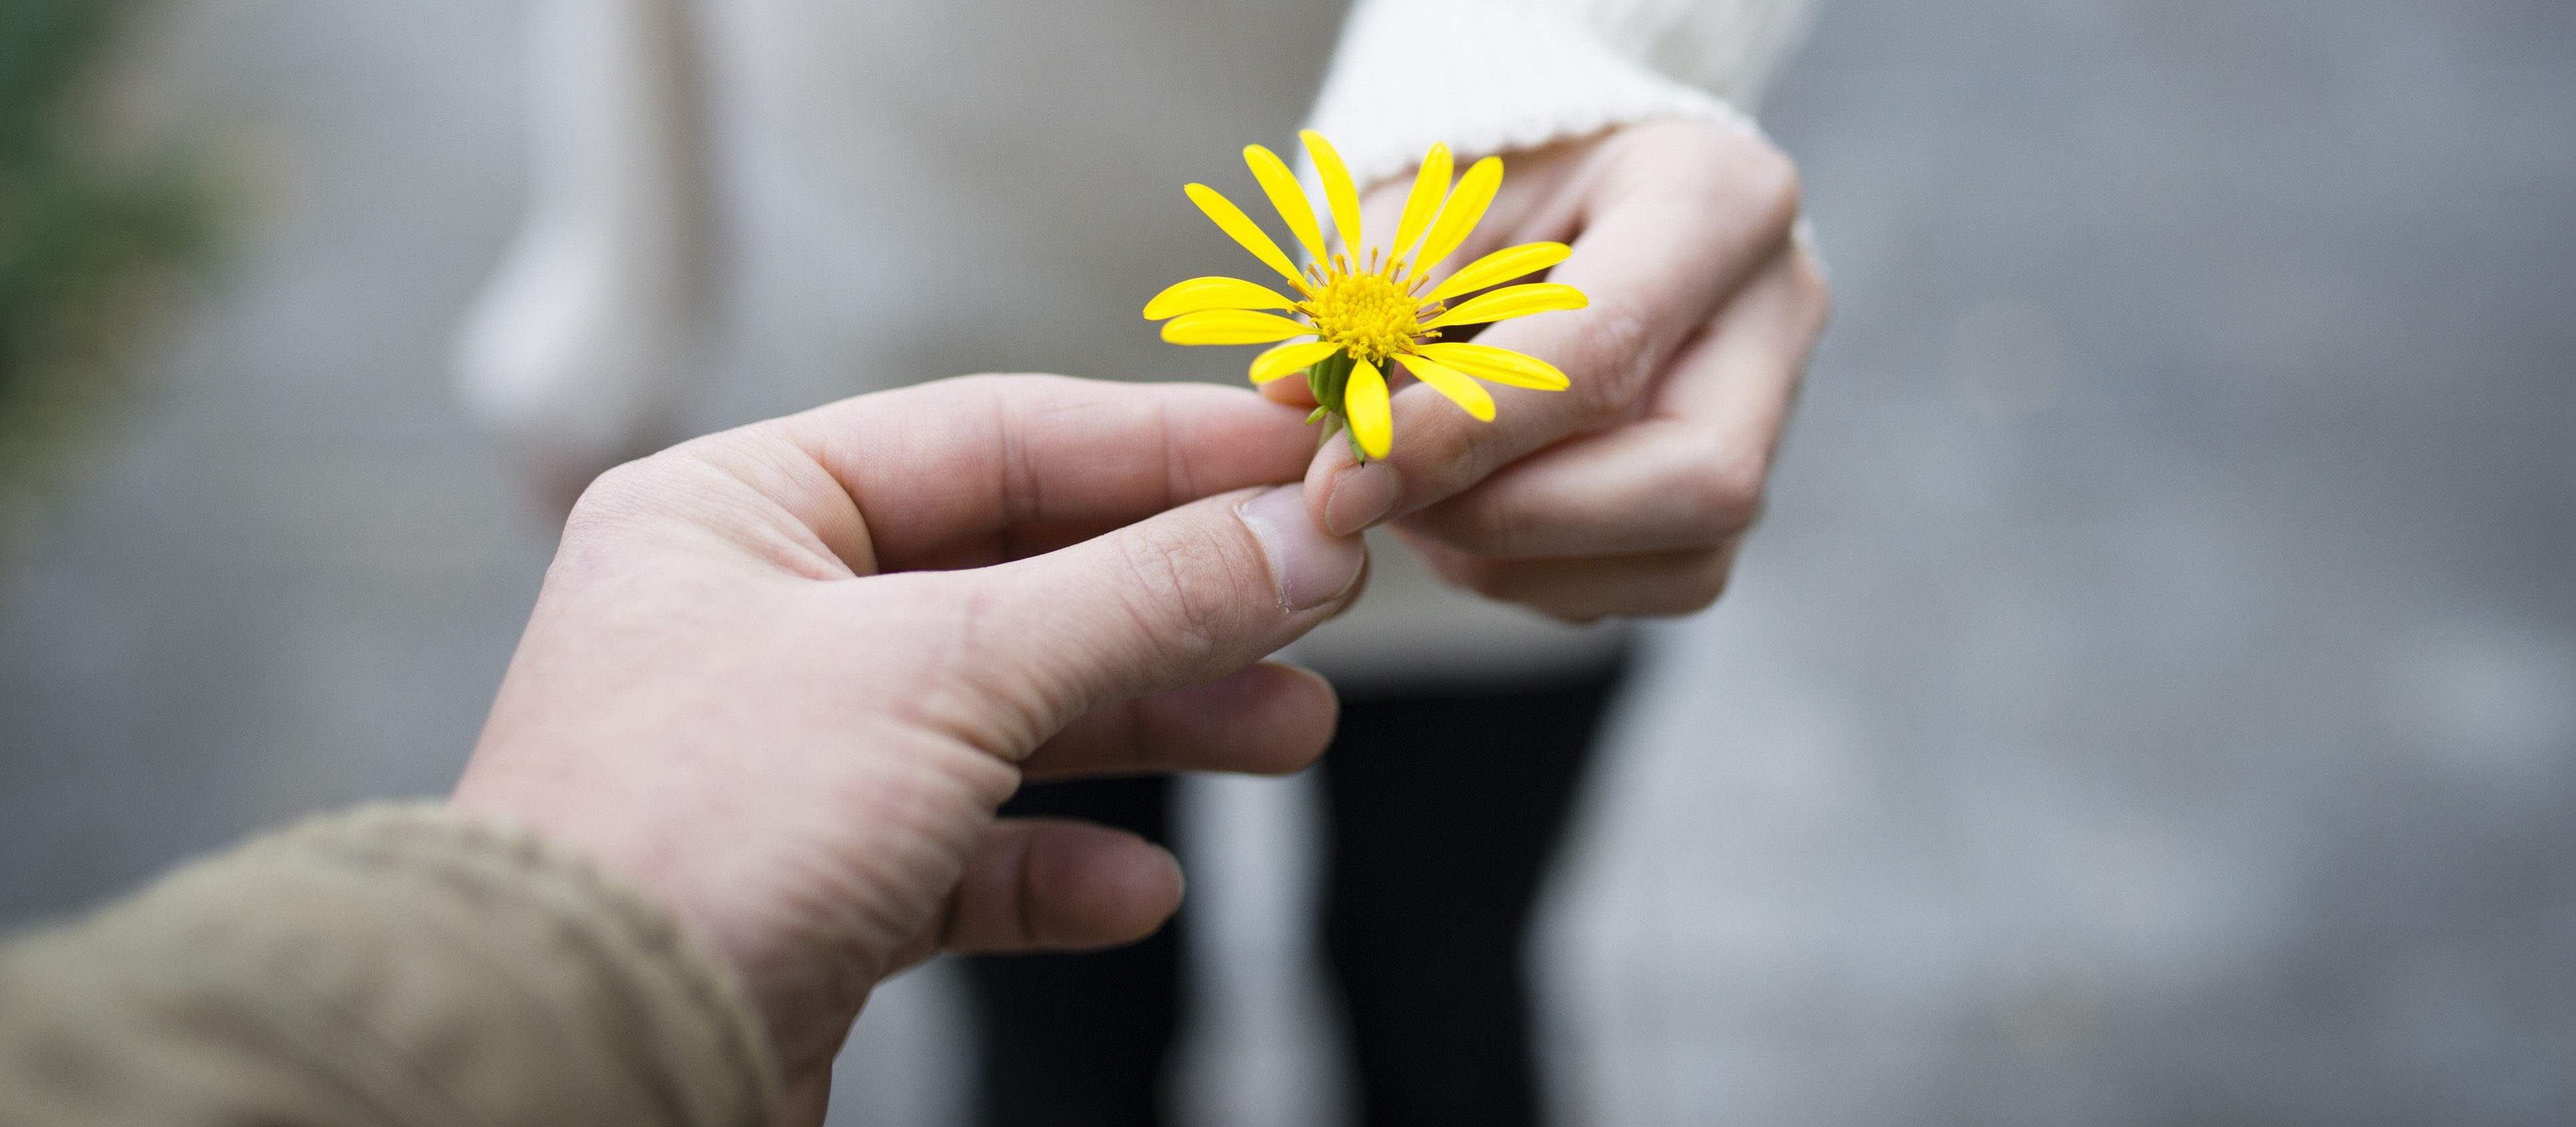 Você acredita no poder transformador da gentileza?